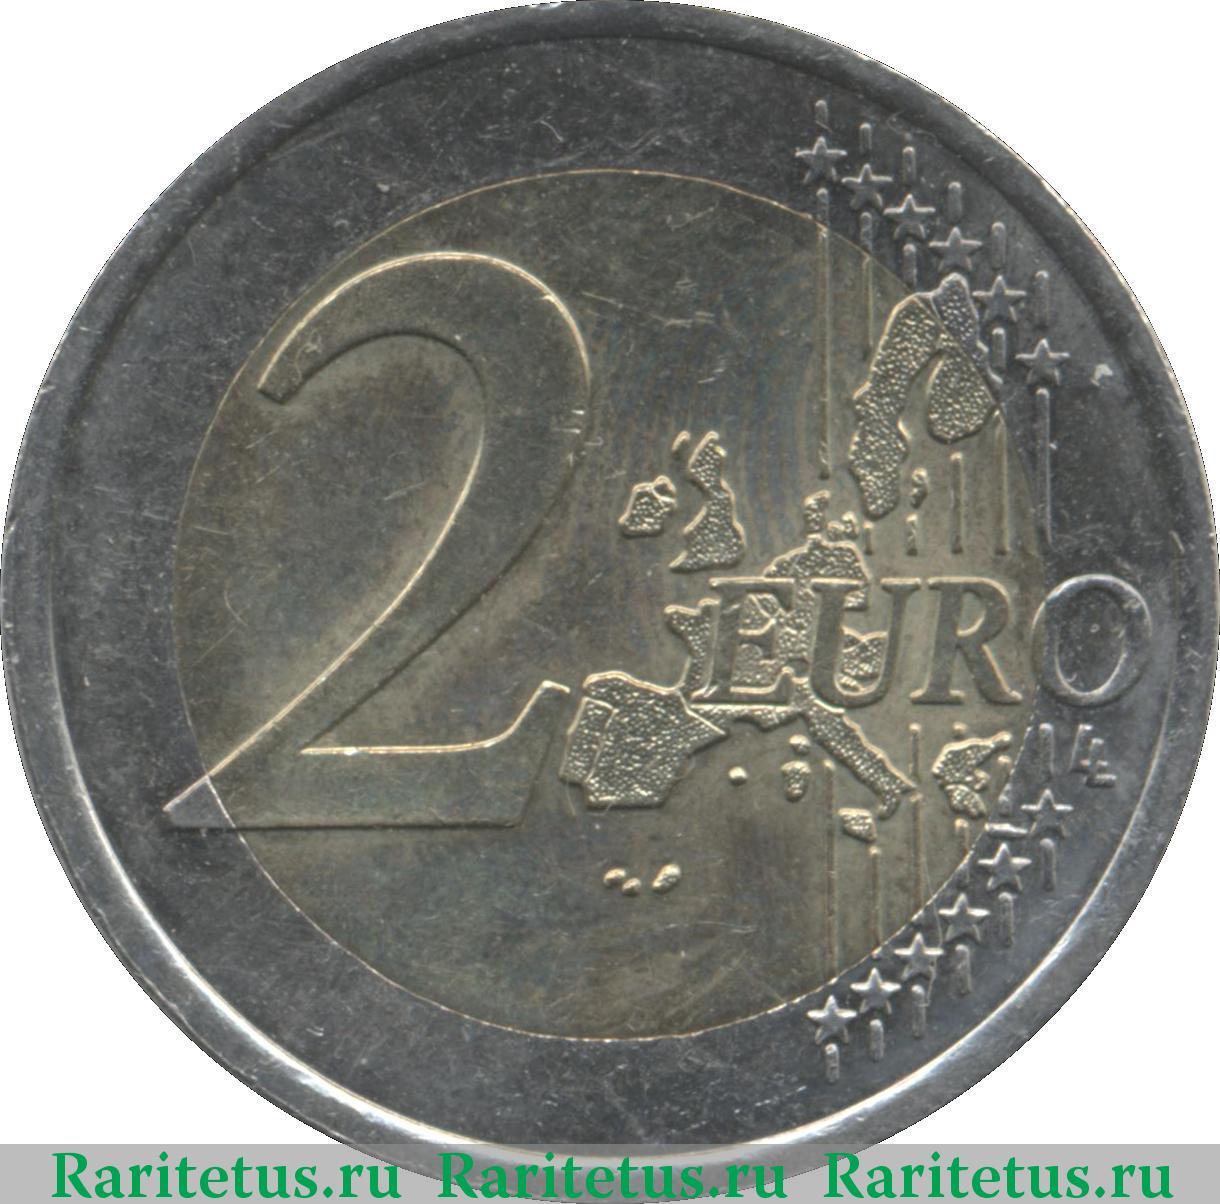 Монеты 2 евро 1999 года витрины навесные для коллекций